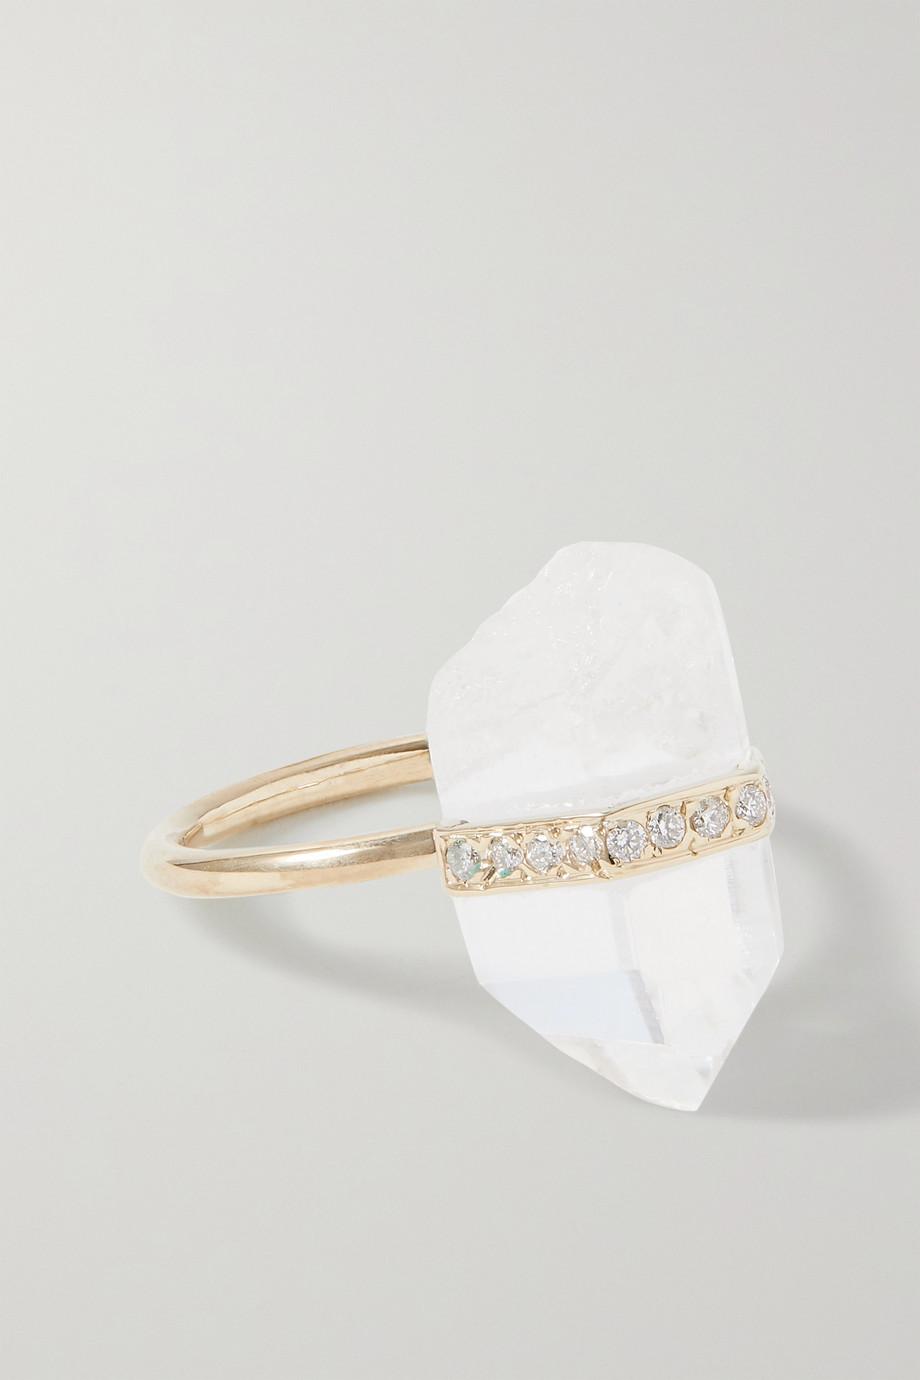 JIA JIA Bague en or 14 carats (585/1000), quartz et diamants